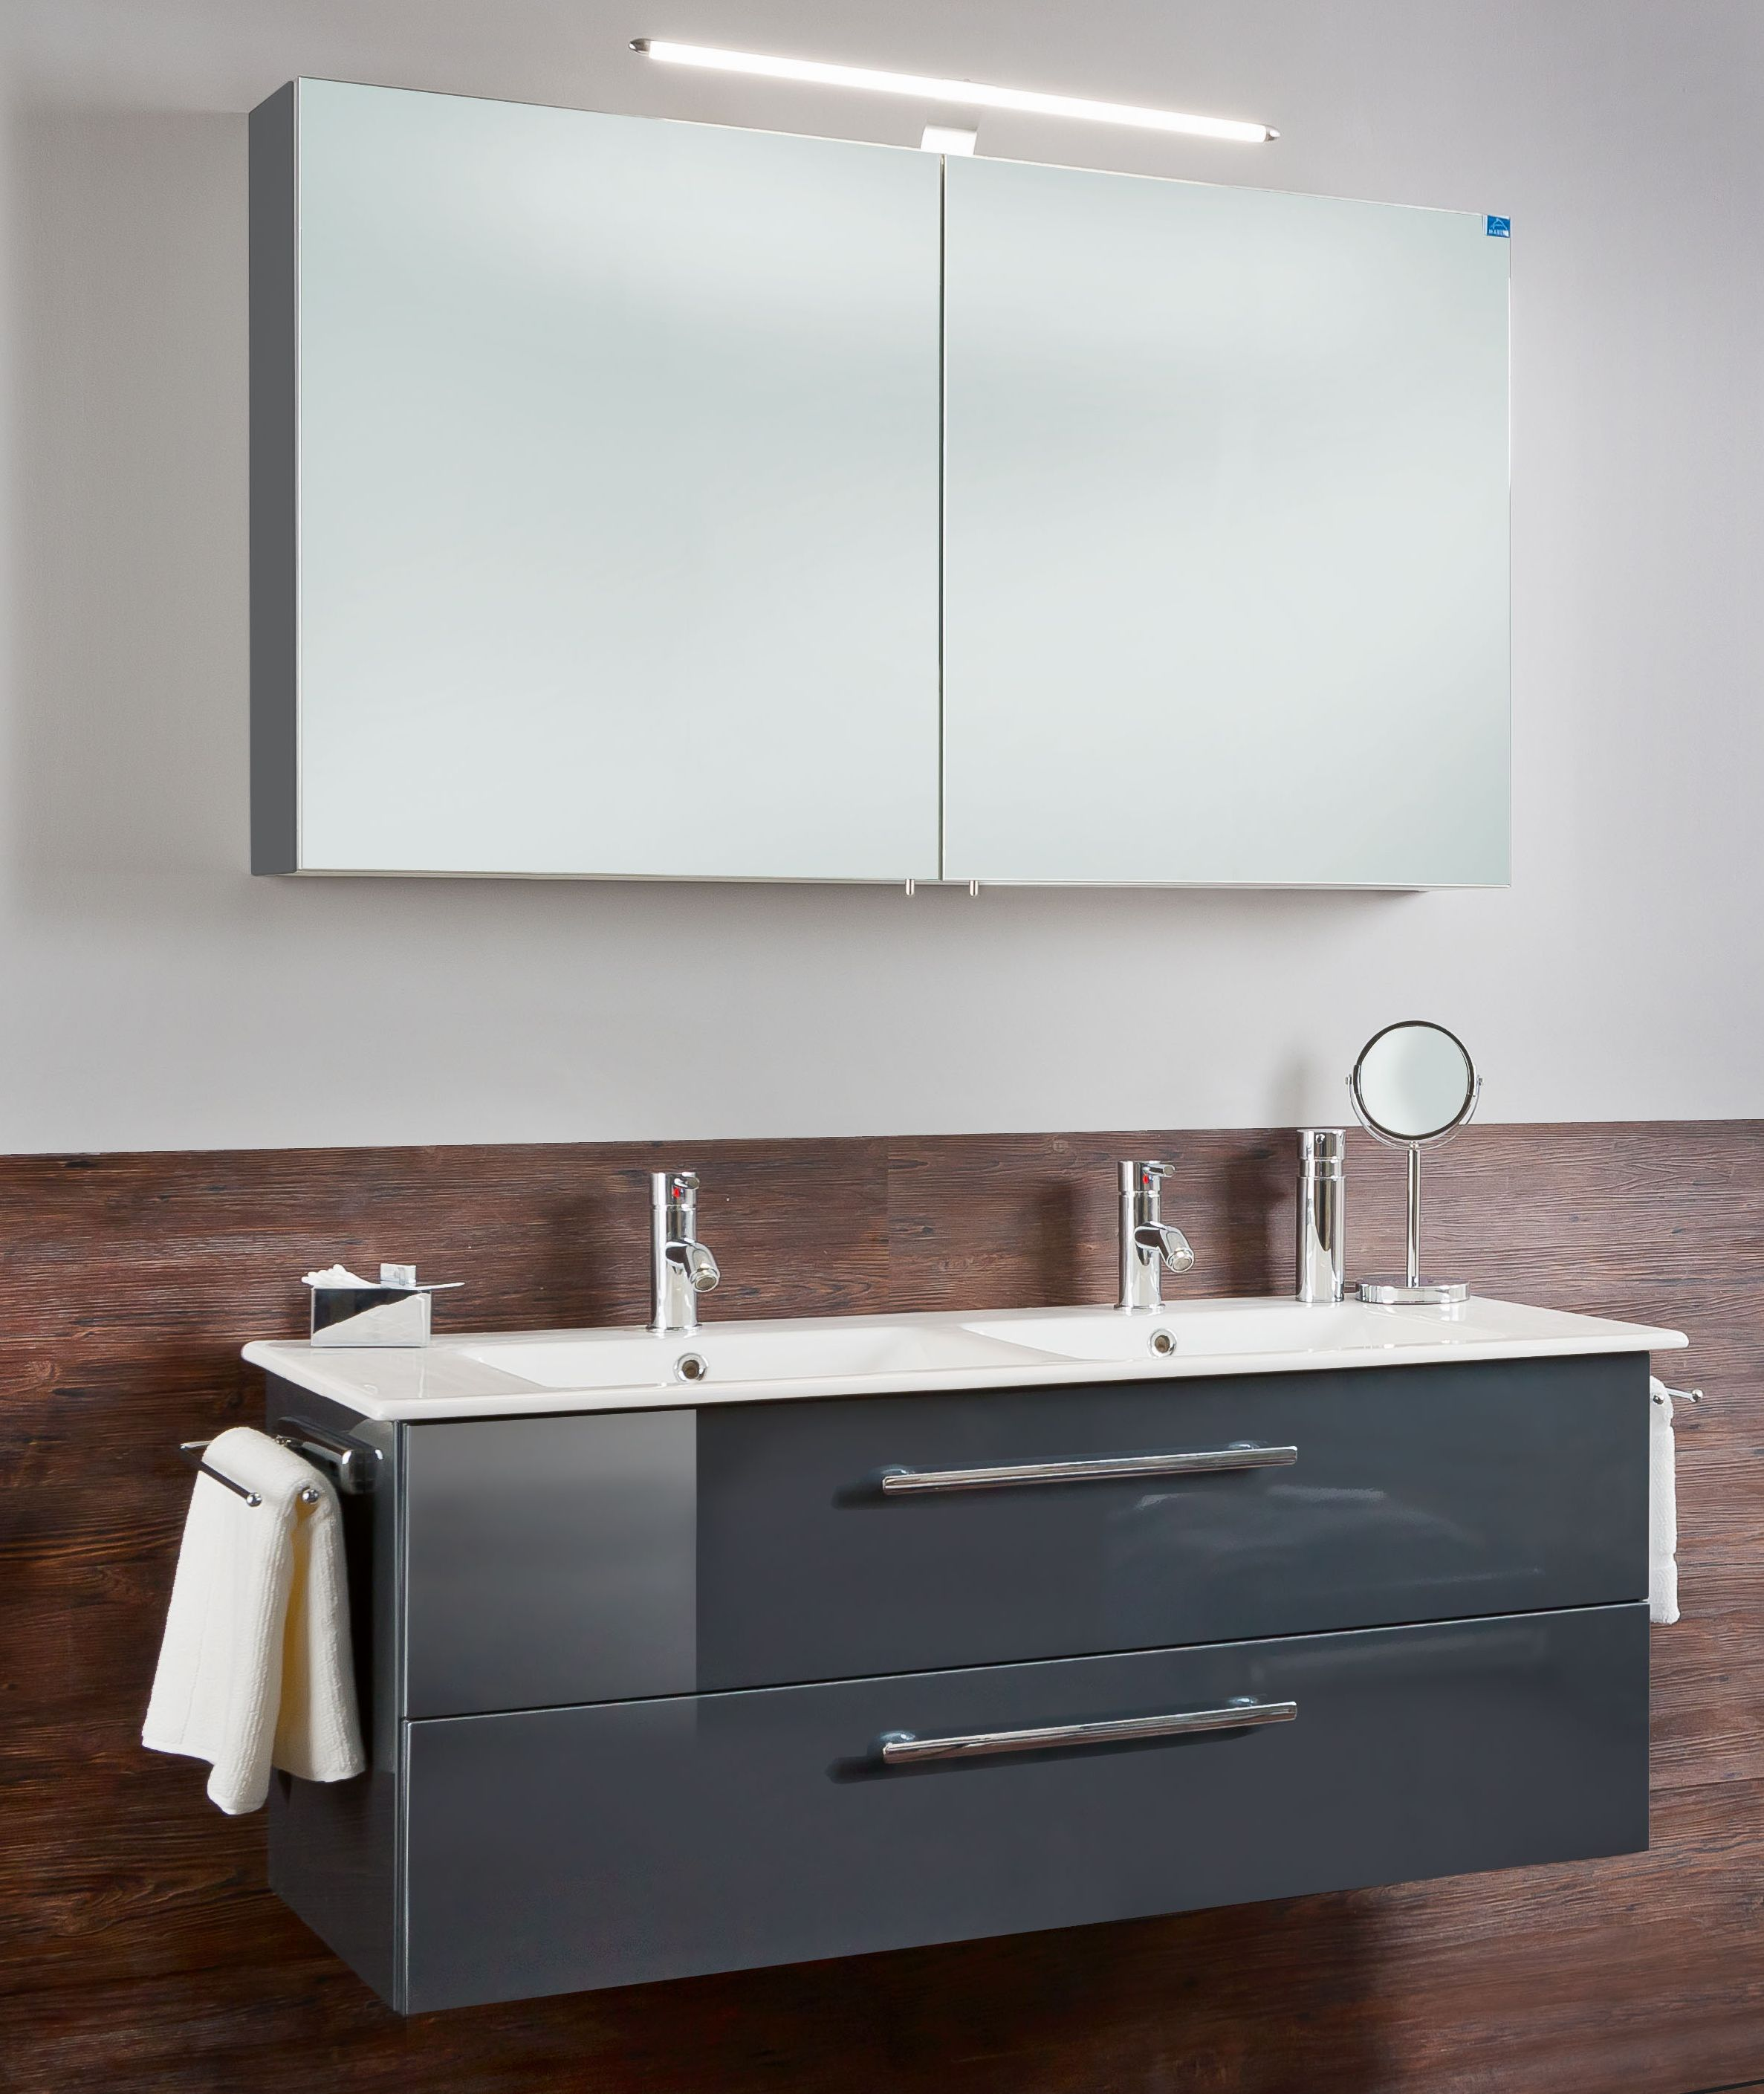 marlin bad 3030 christall 120 cm kombination 2 g nstig kaufen m bel universum. Black Bedroom Furniture Sets. Home Design Ideas